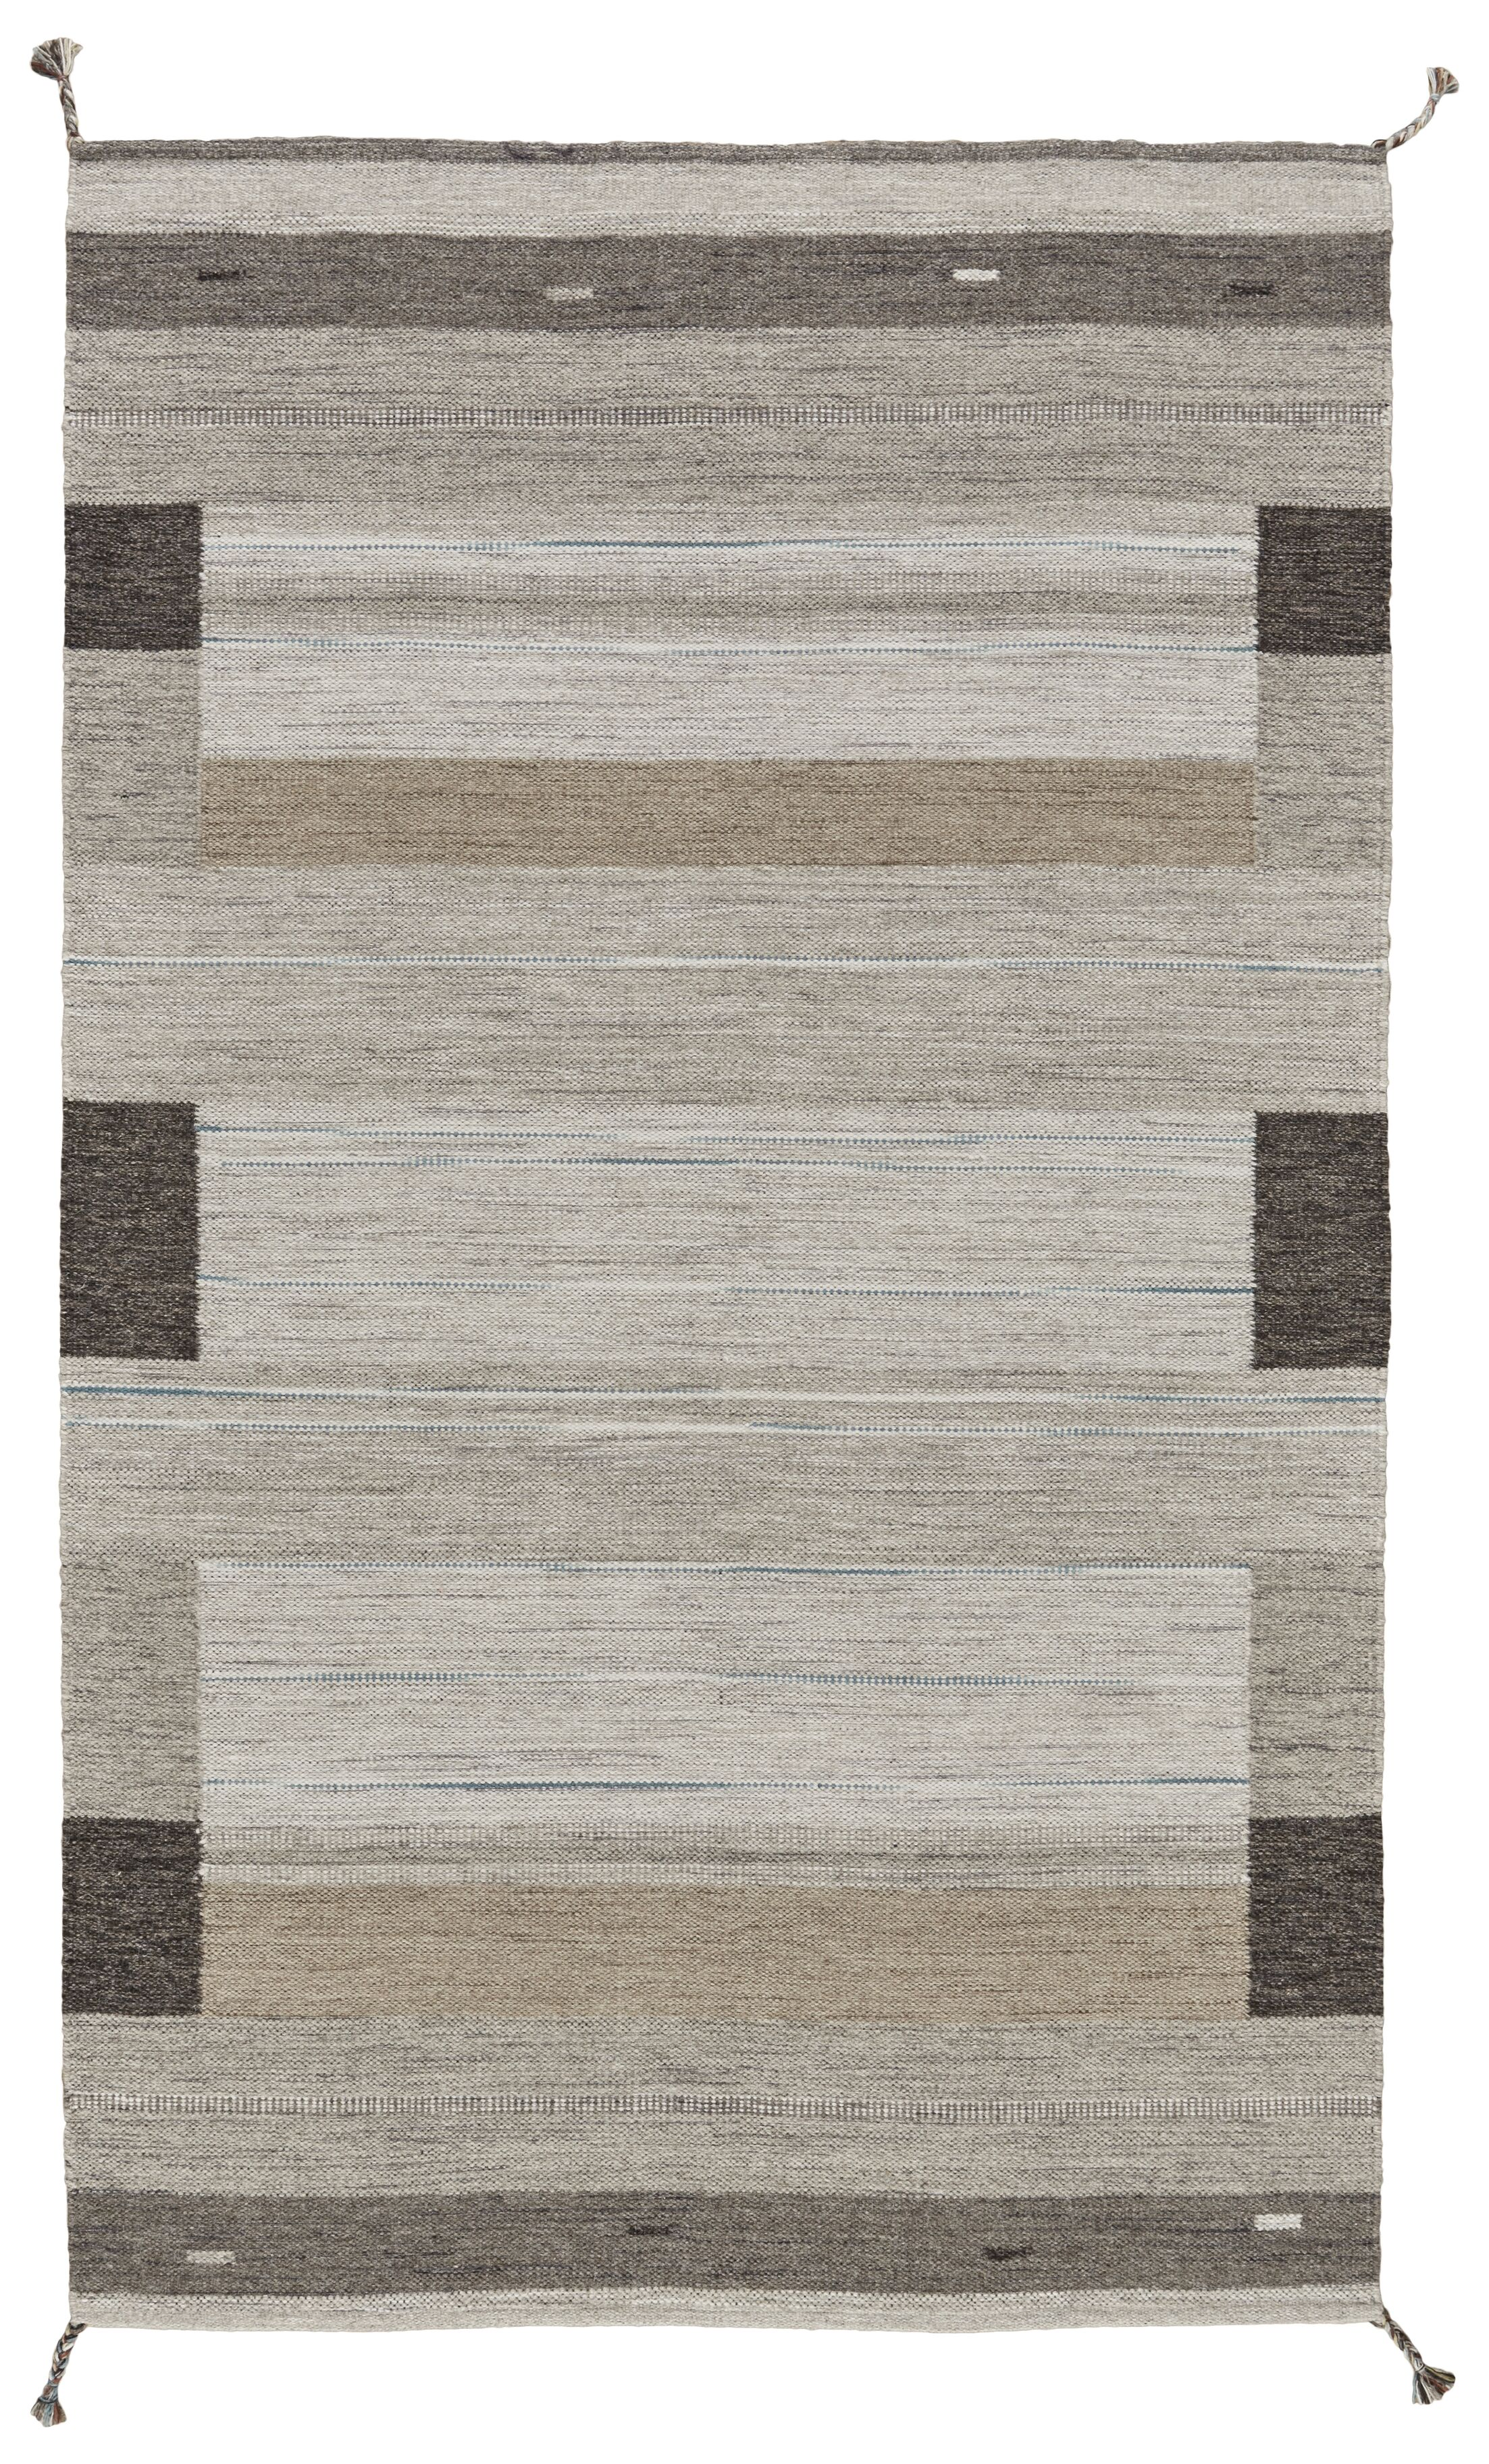 Ewalt Flat Woven Wool Gray Area Rug Rug Size: Rectangle 5' x 8'